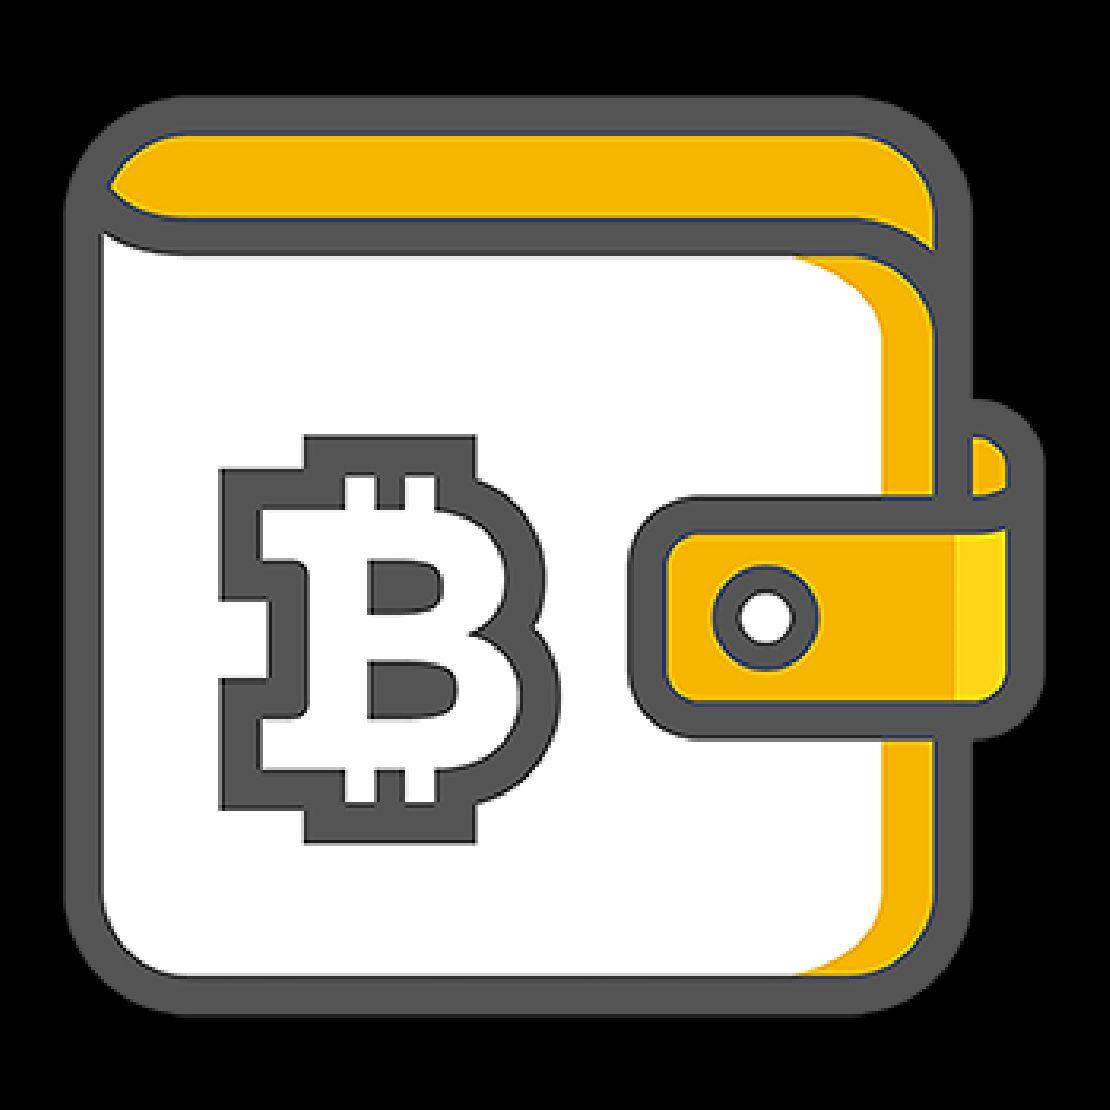 bitcoin vásárlás tenge-ért hogyan lehet nyomon követni egy opciót